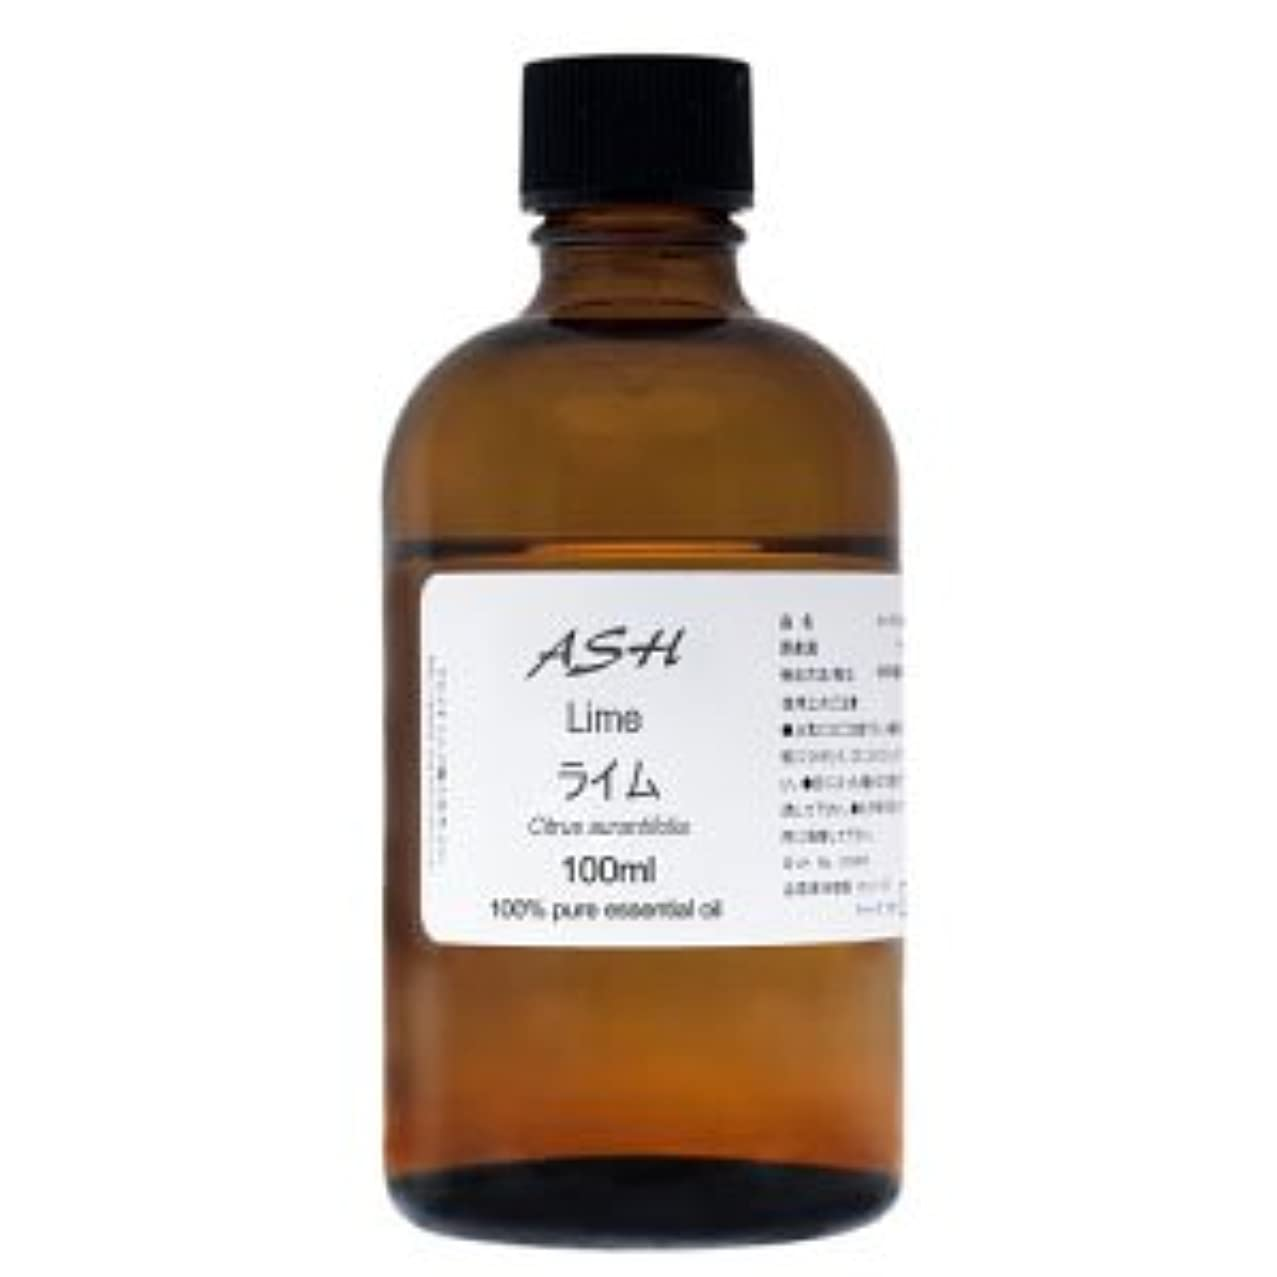 パーツ主観的フルーツ野菜ASH ライム エッセンシャルオイル 100ml AEAJ表示基準適合認定精油